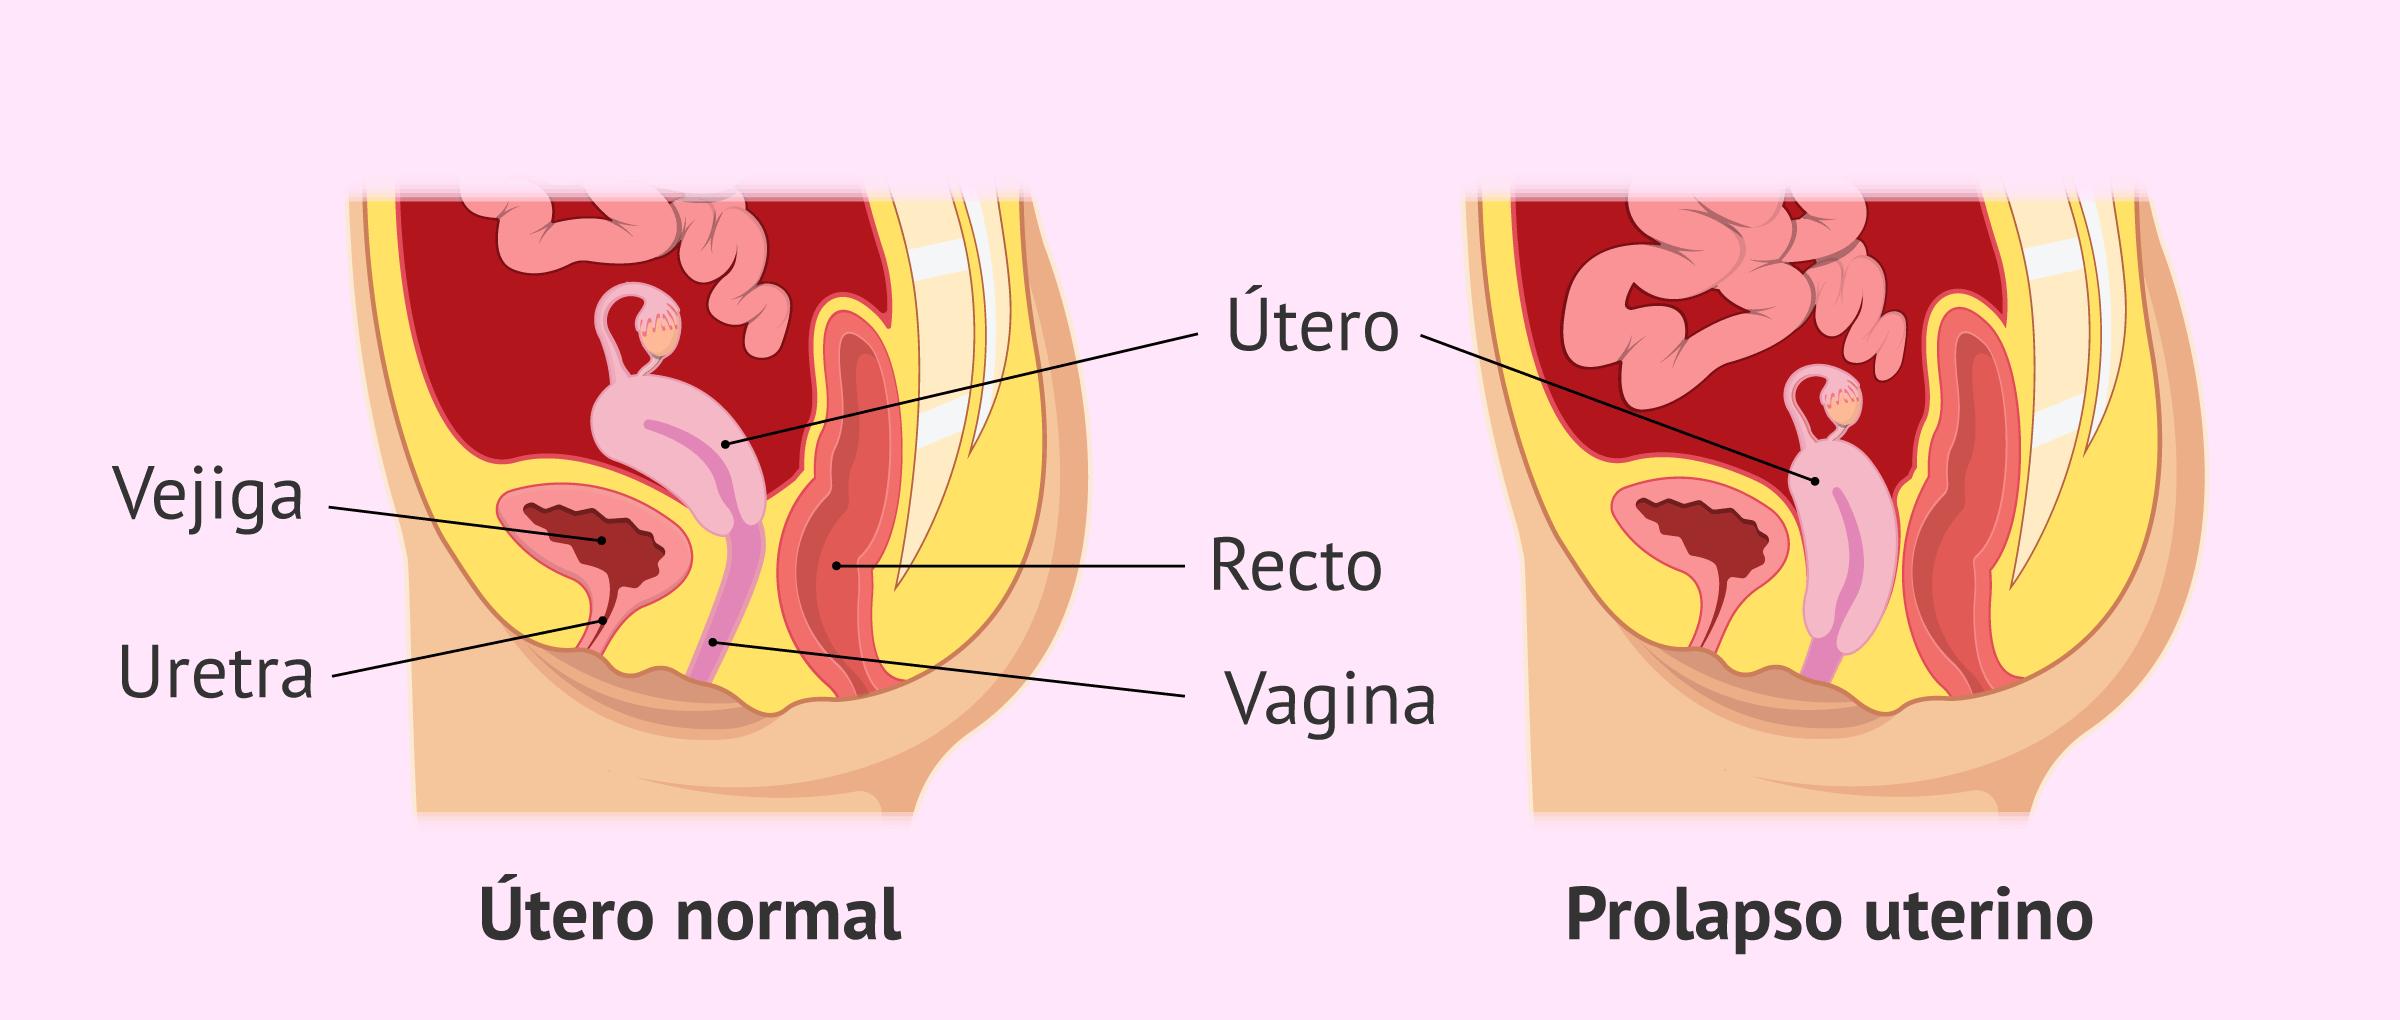 Comparación de un útero normal y un prolapso uterino